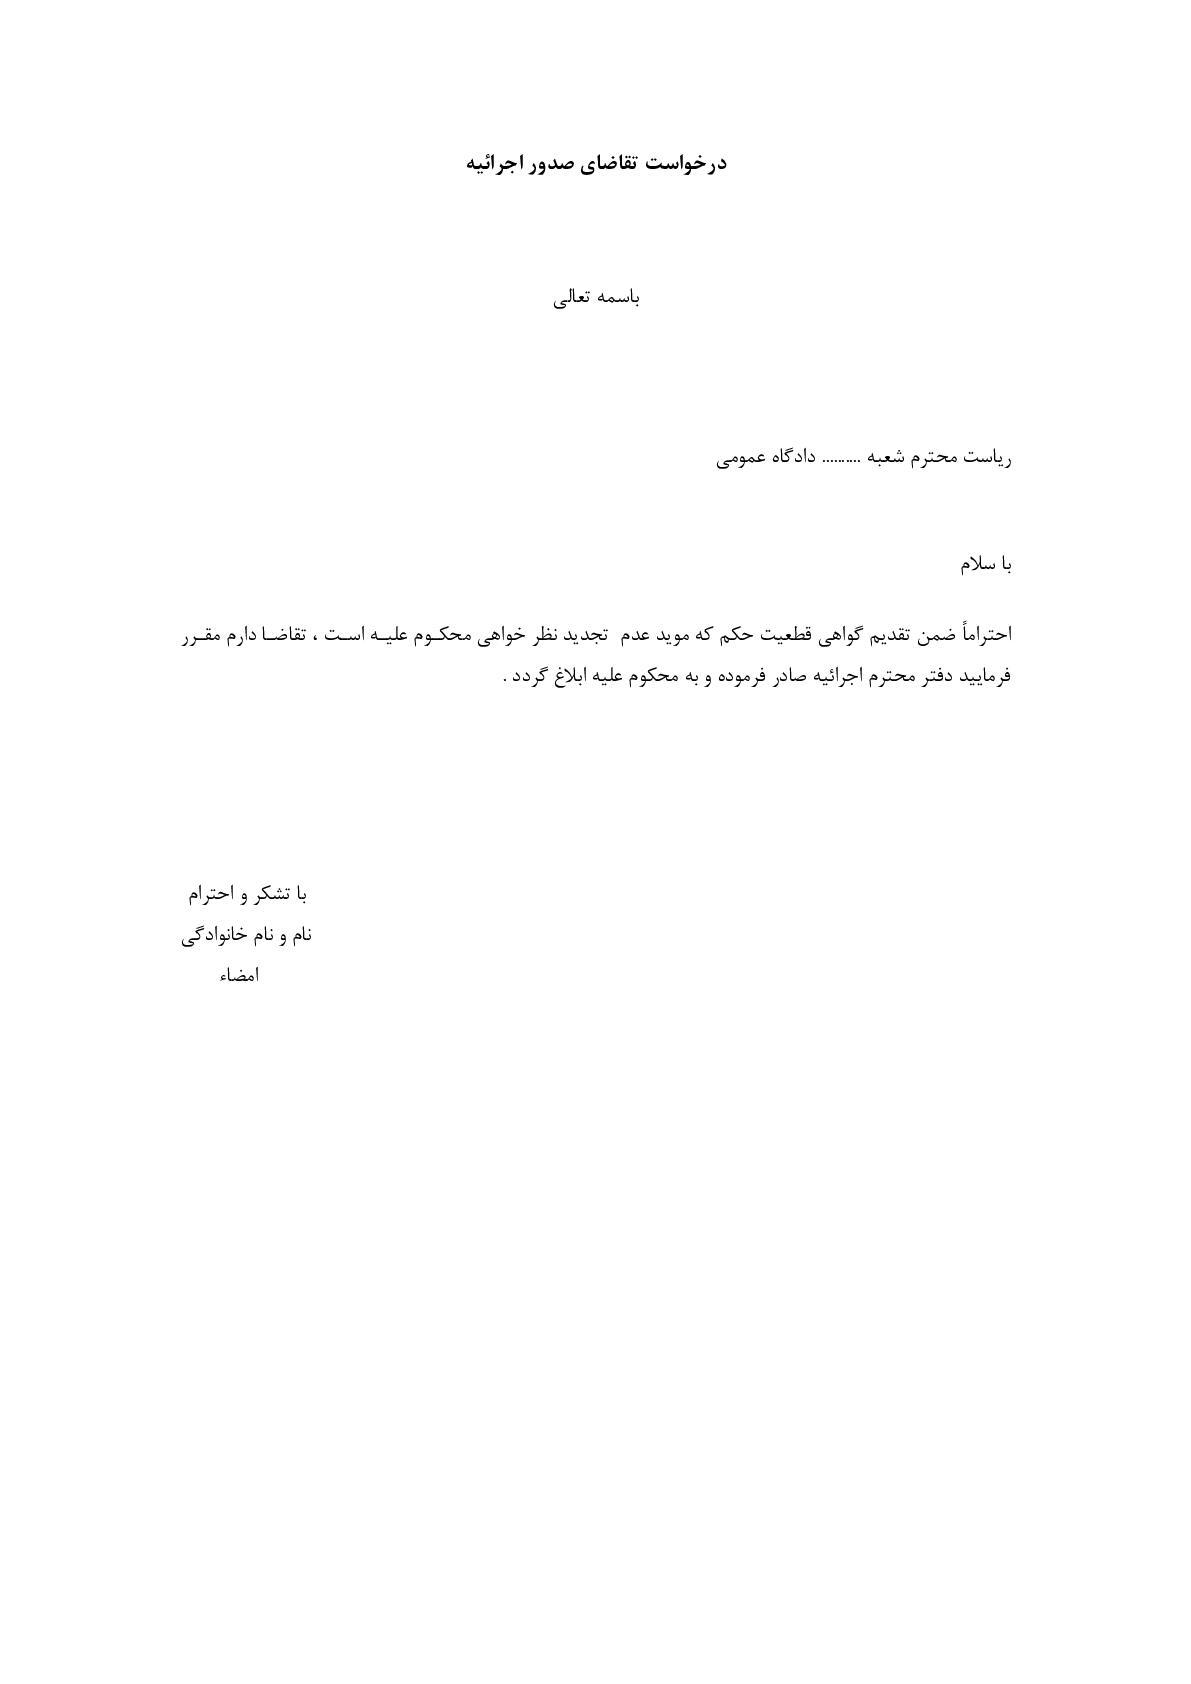 درخواست تقاضای صدور اجرائیه